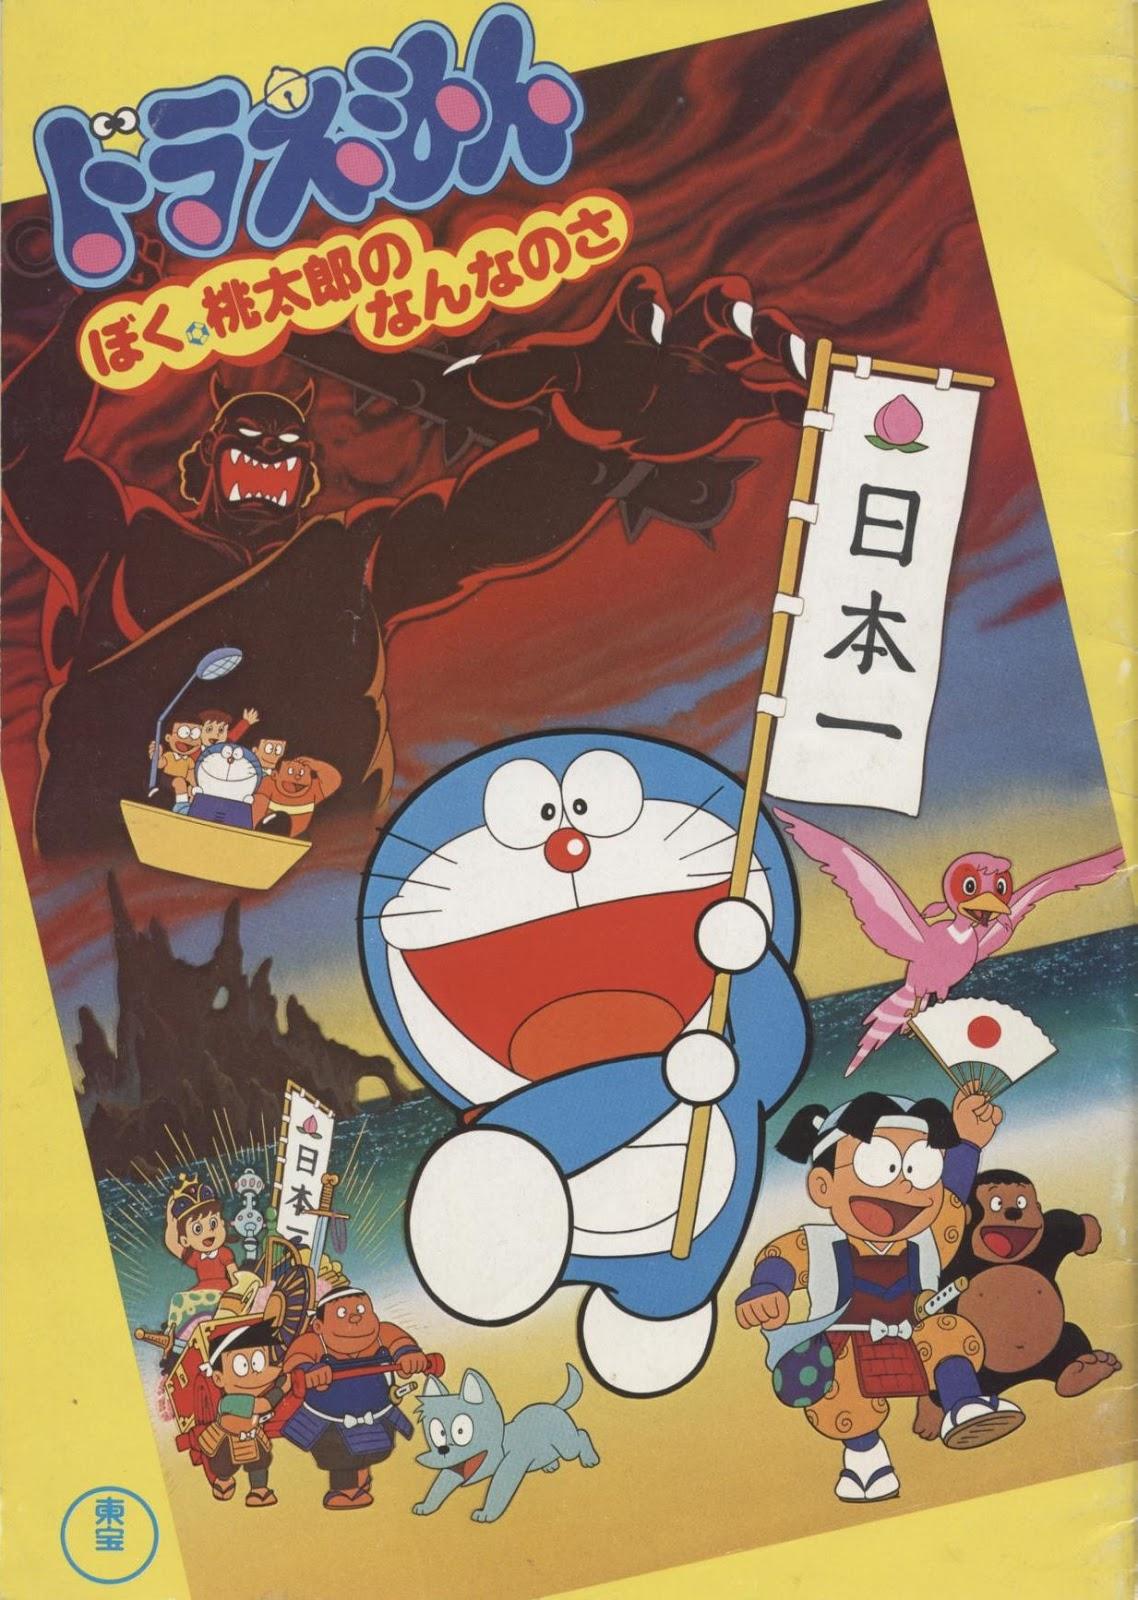 Xem Phim Doraemon Và Cậu Bé Quả Đào - Doraemon: Boku, Momotarou no Nanna no Sa